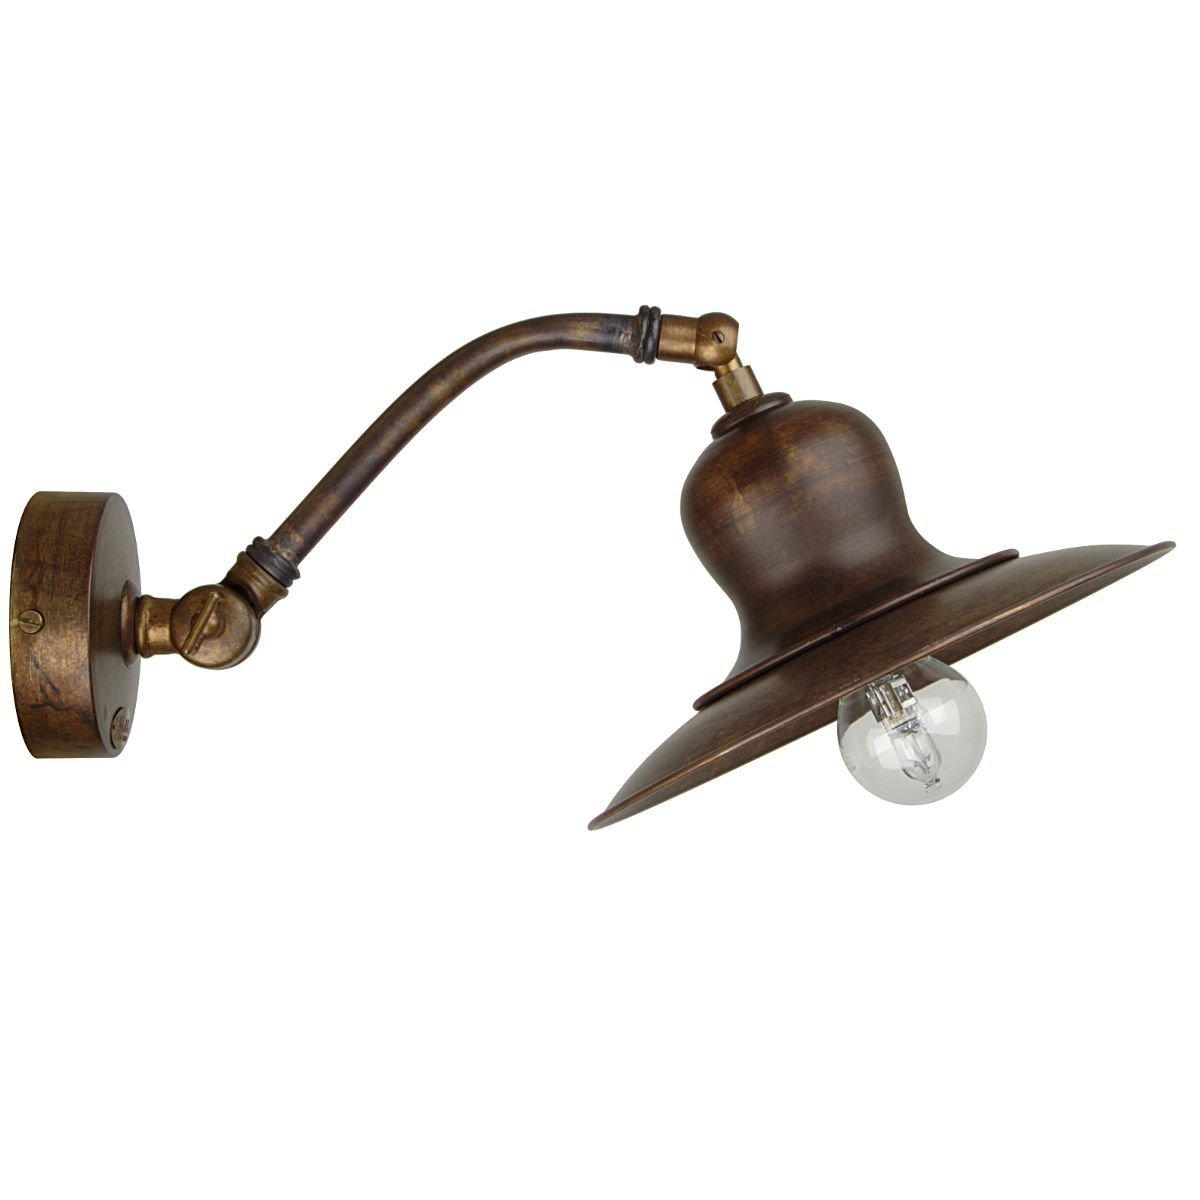 antike wandlampe messing vom italienischen hersteller. Black Bedroom Furniture Sets. Home Design Ideas